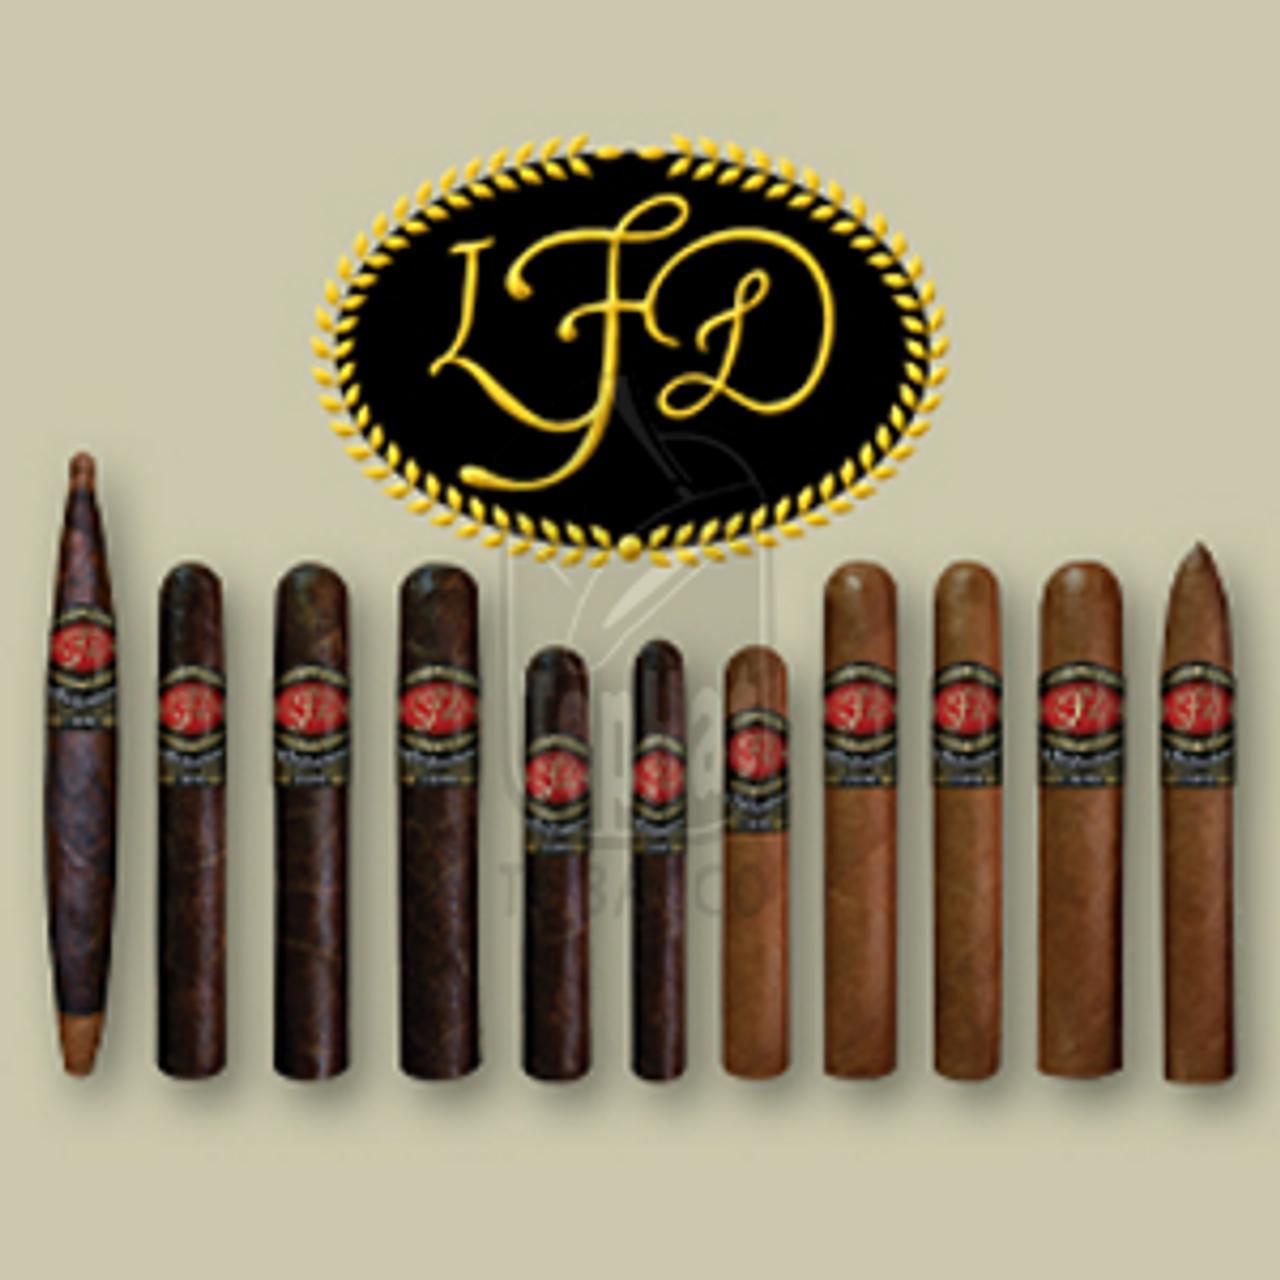 La Flor Dominicana Ligero 250 Cigars - 4 3/4 x 48 (Box of 24)